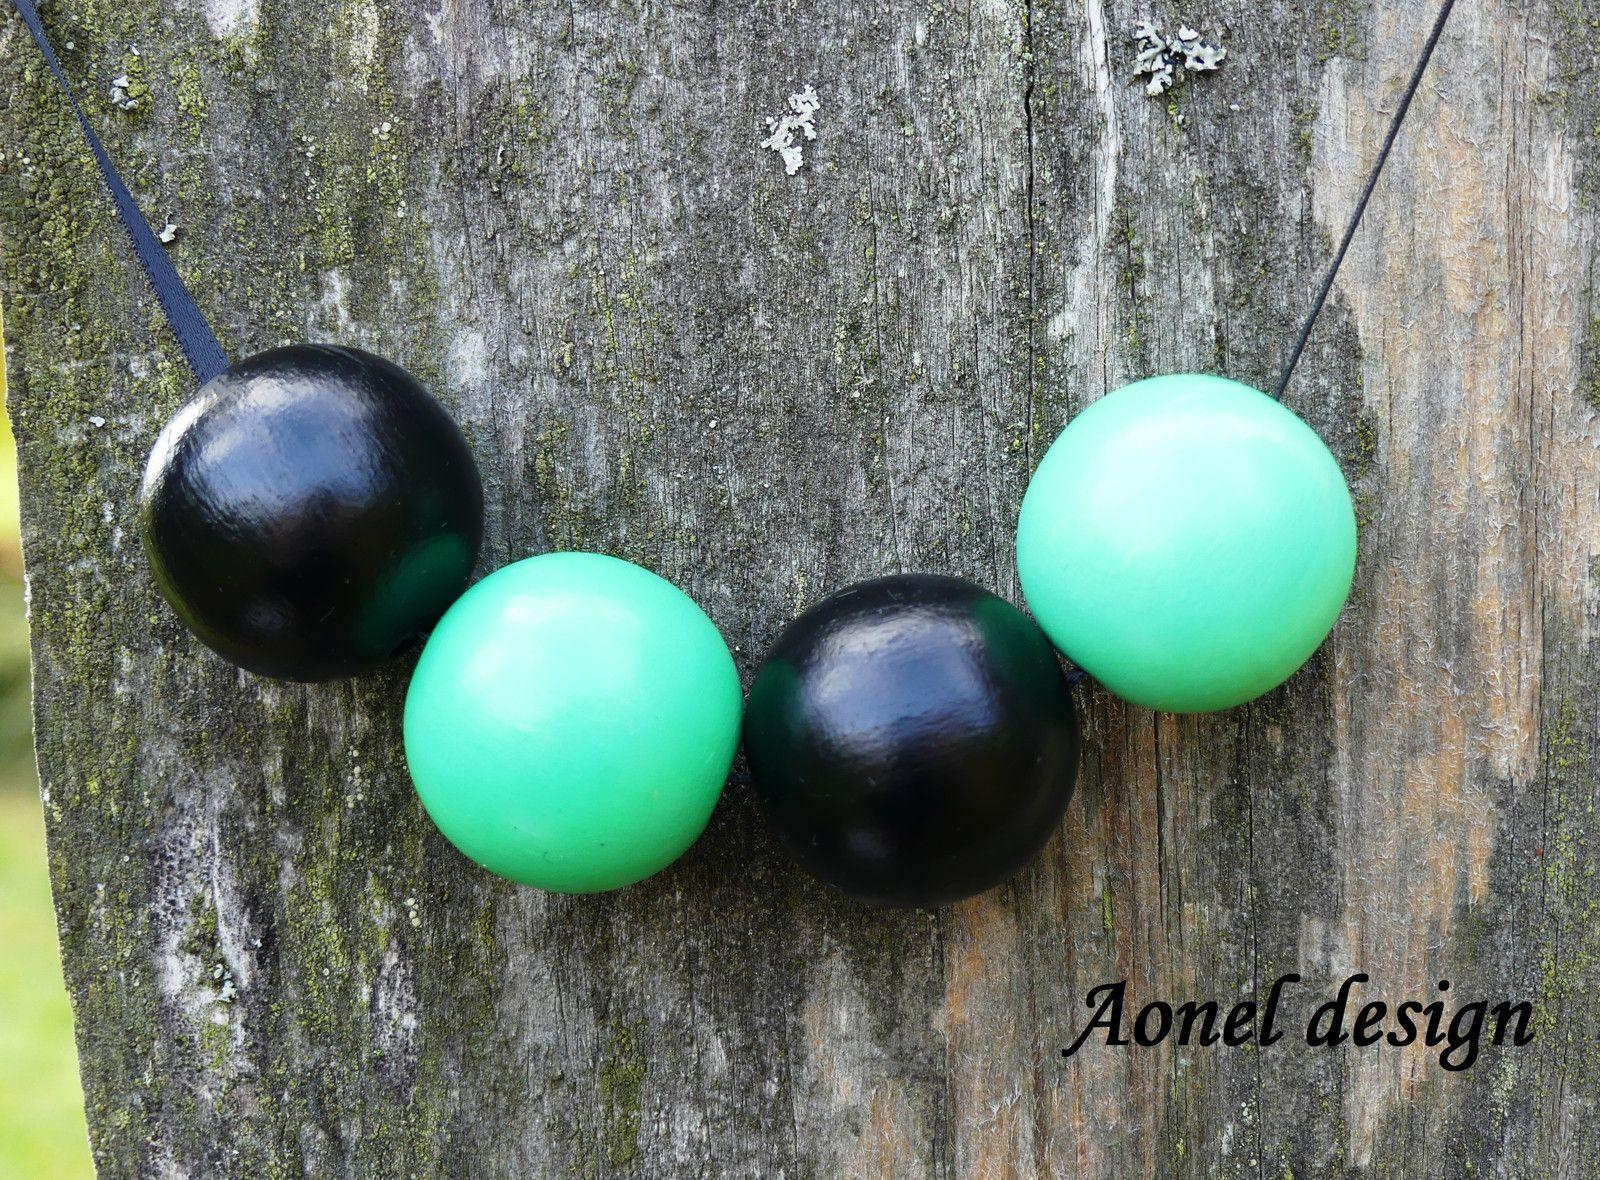 Zeleno-černý+náhrdelník+z+dřevěných+korálků+Nanesením+se+skládá+ze+2+černých+korálků+(2x25mm)+a+2+zelenych+korálků+(2x25mm).+Korálky+jsou+natřené+akrylovou+barvou+a+přelakované.+Korále+jsou+na+černé+stuze,+její+délku+si+sami+nastavíte.+Jednoduché+a+krásné.+V+ceně+je+i+krabička+v+hodnotě+40Kč,+pokud+budete+chtít+zboží+zaslat+bez+krabičky,+napište+to...